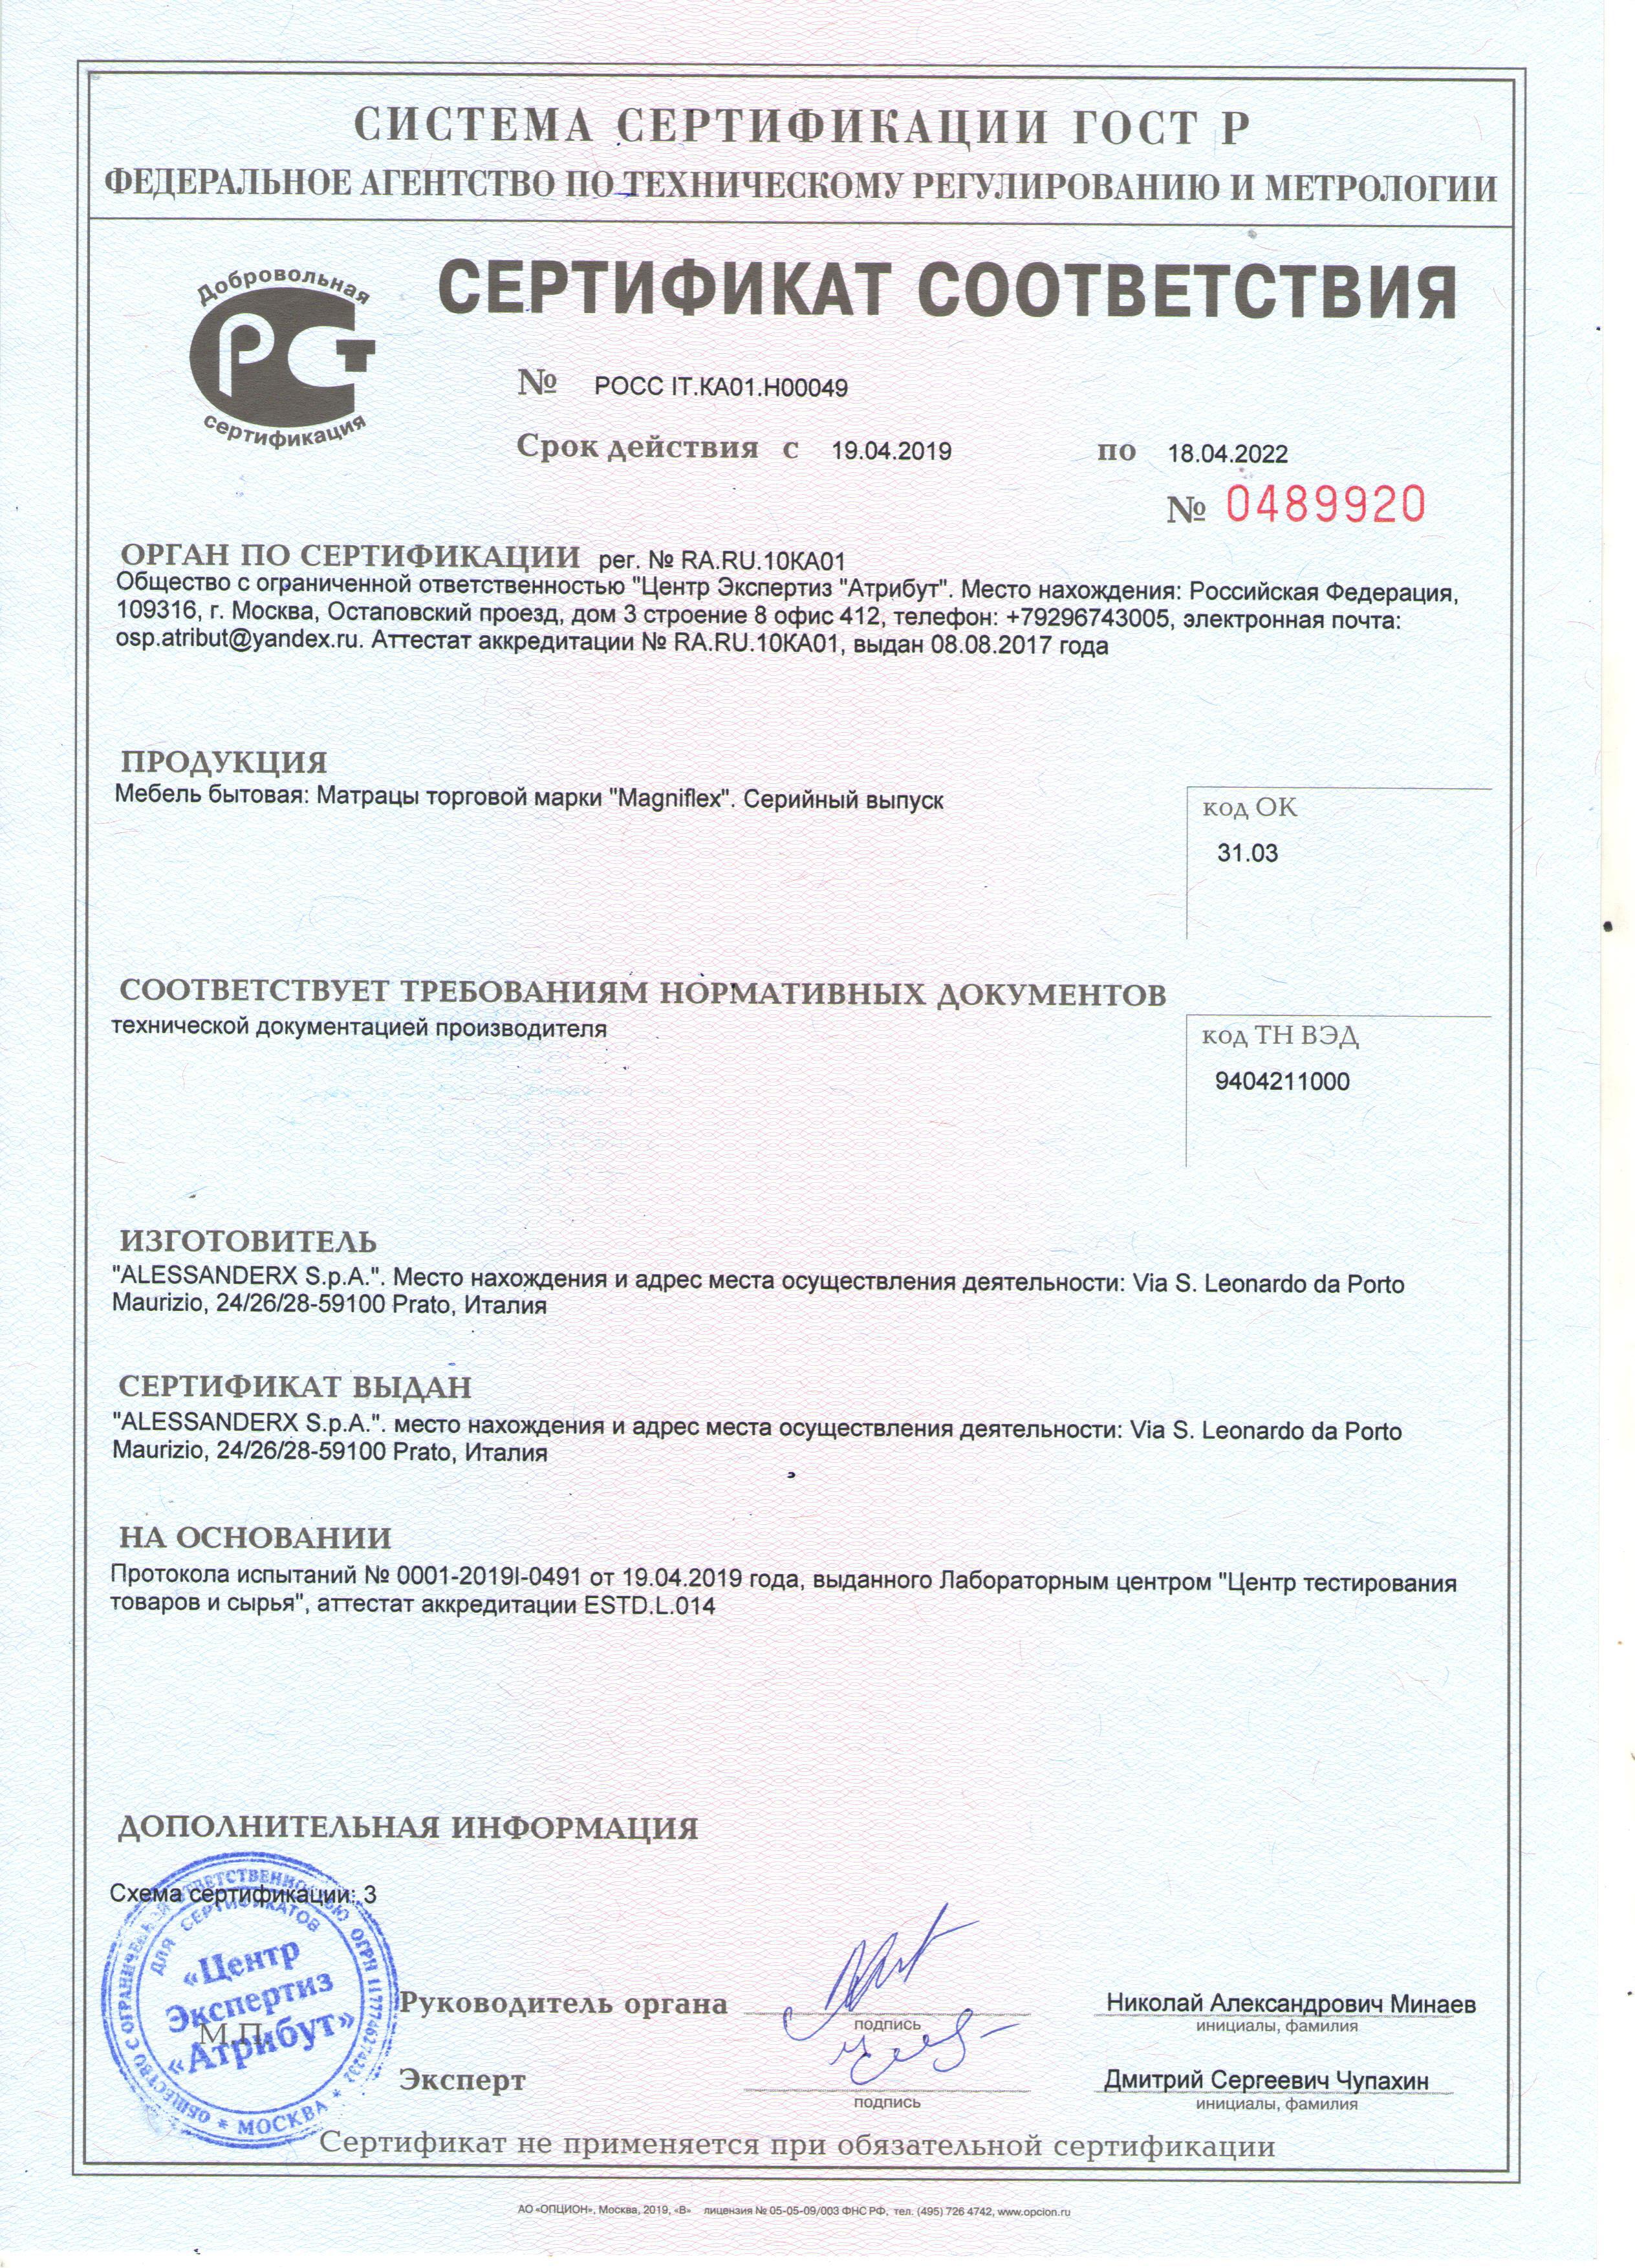 Сертификат соответствия на матрасыMagniflex